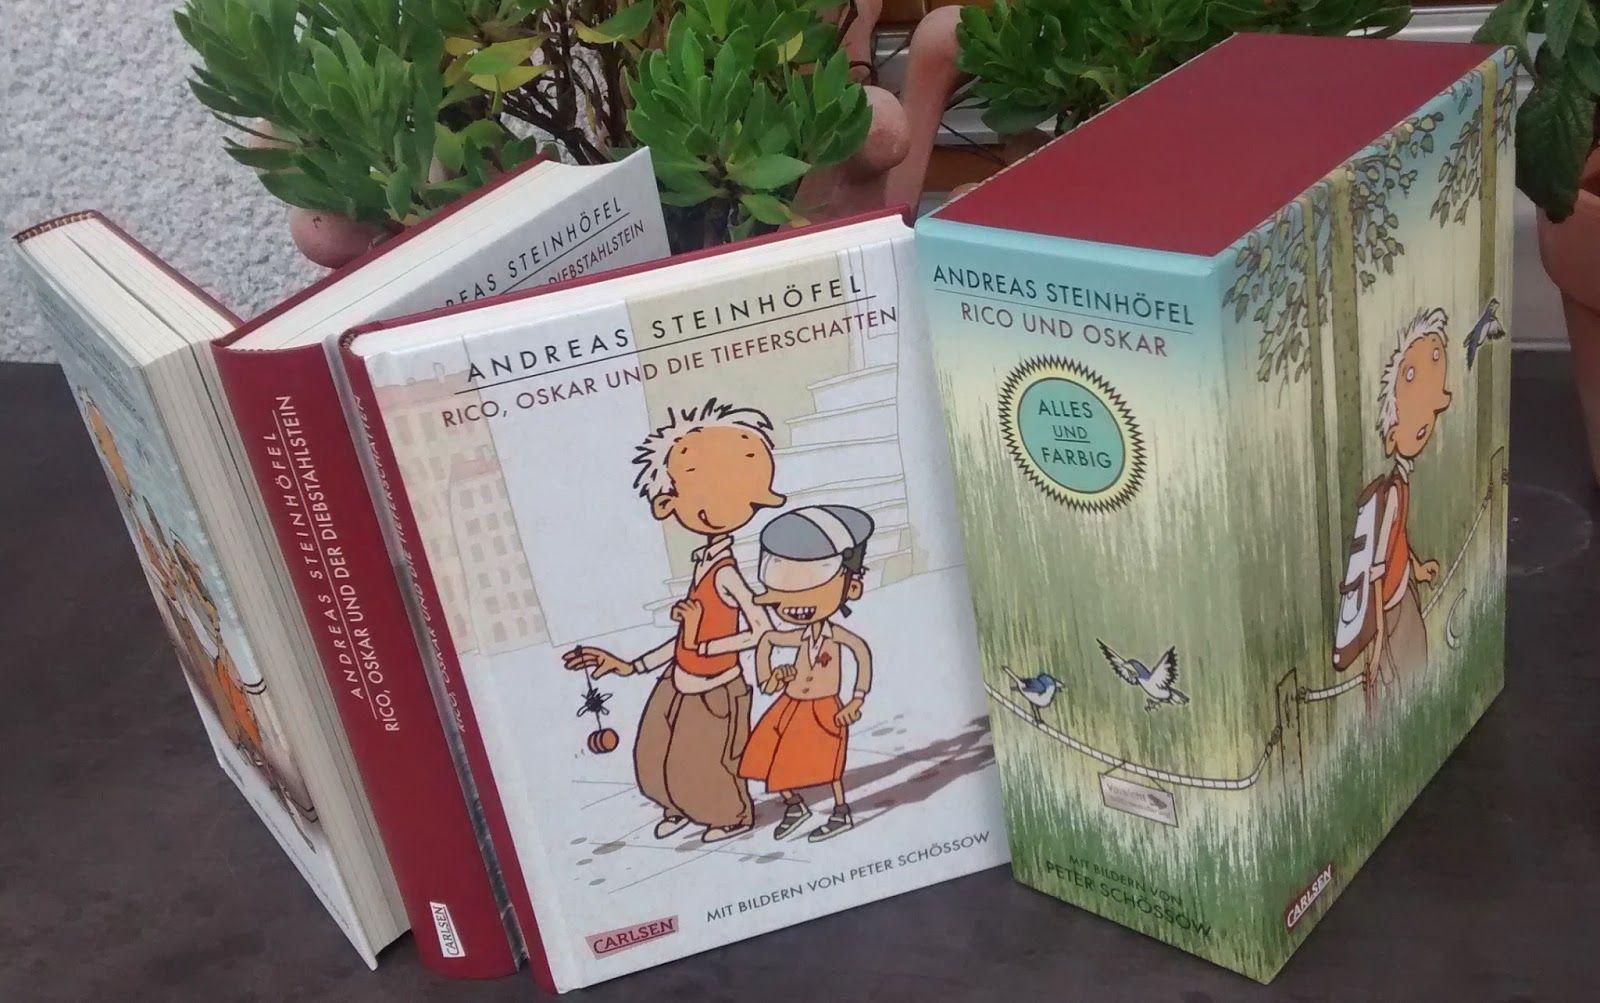 Books Andreas Steinhofel Rico Oskar Und Der Diebstahlstein Rico Und Oskar 3 4 Mit Bildern Andreas Steinhofel Andreas Bilder